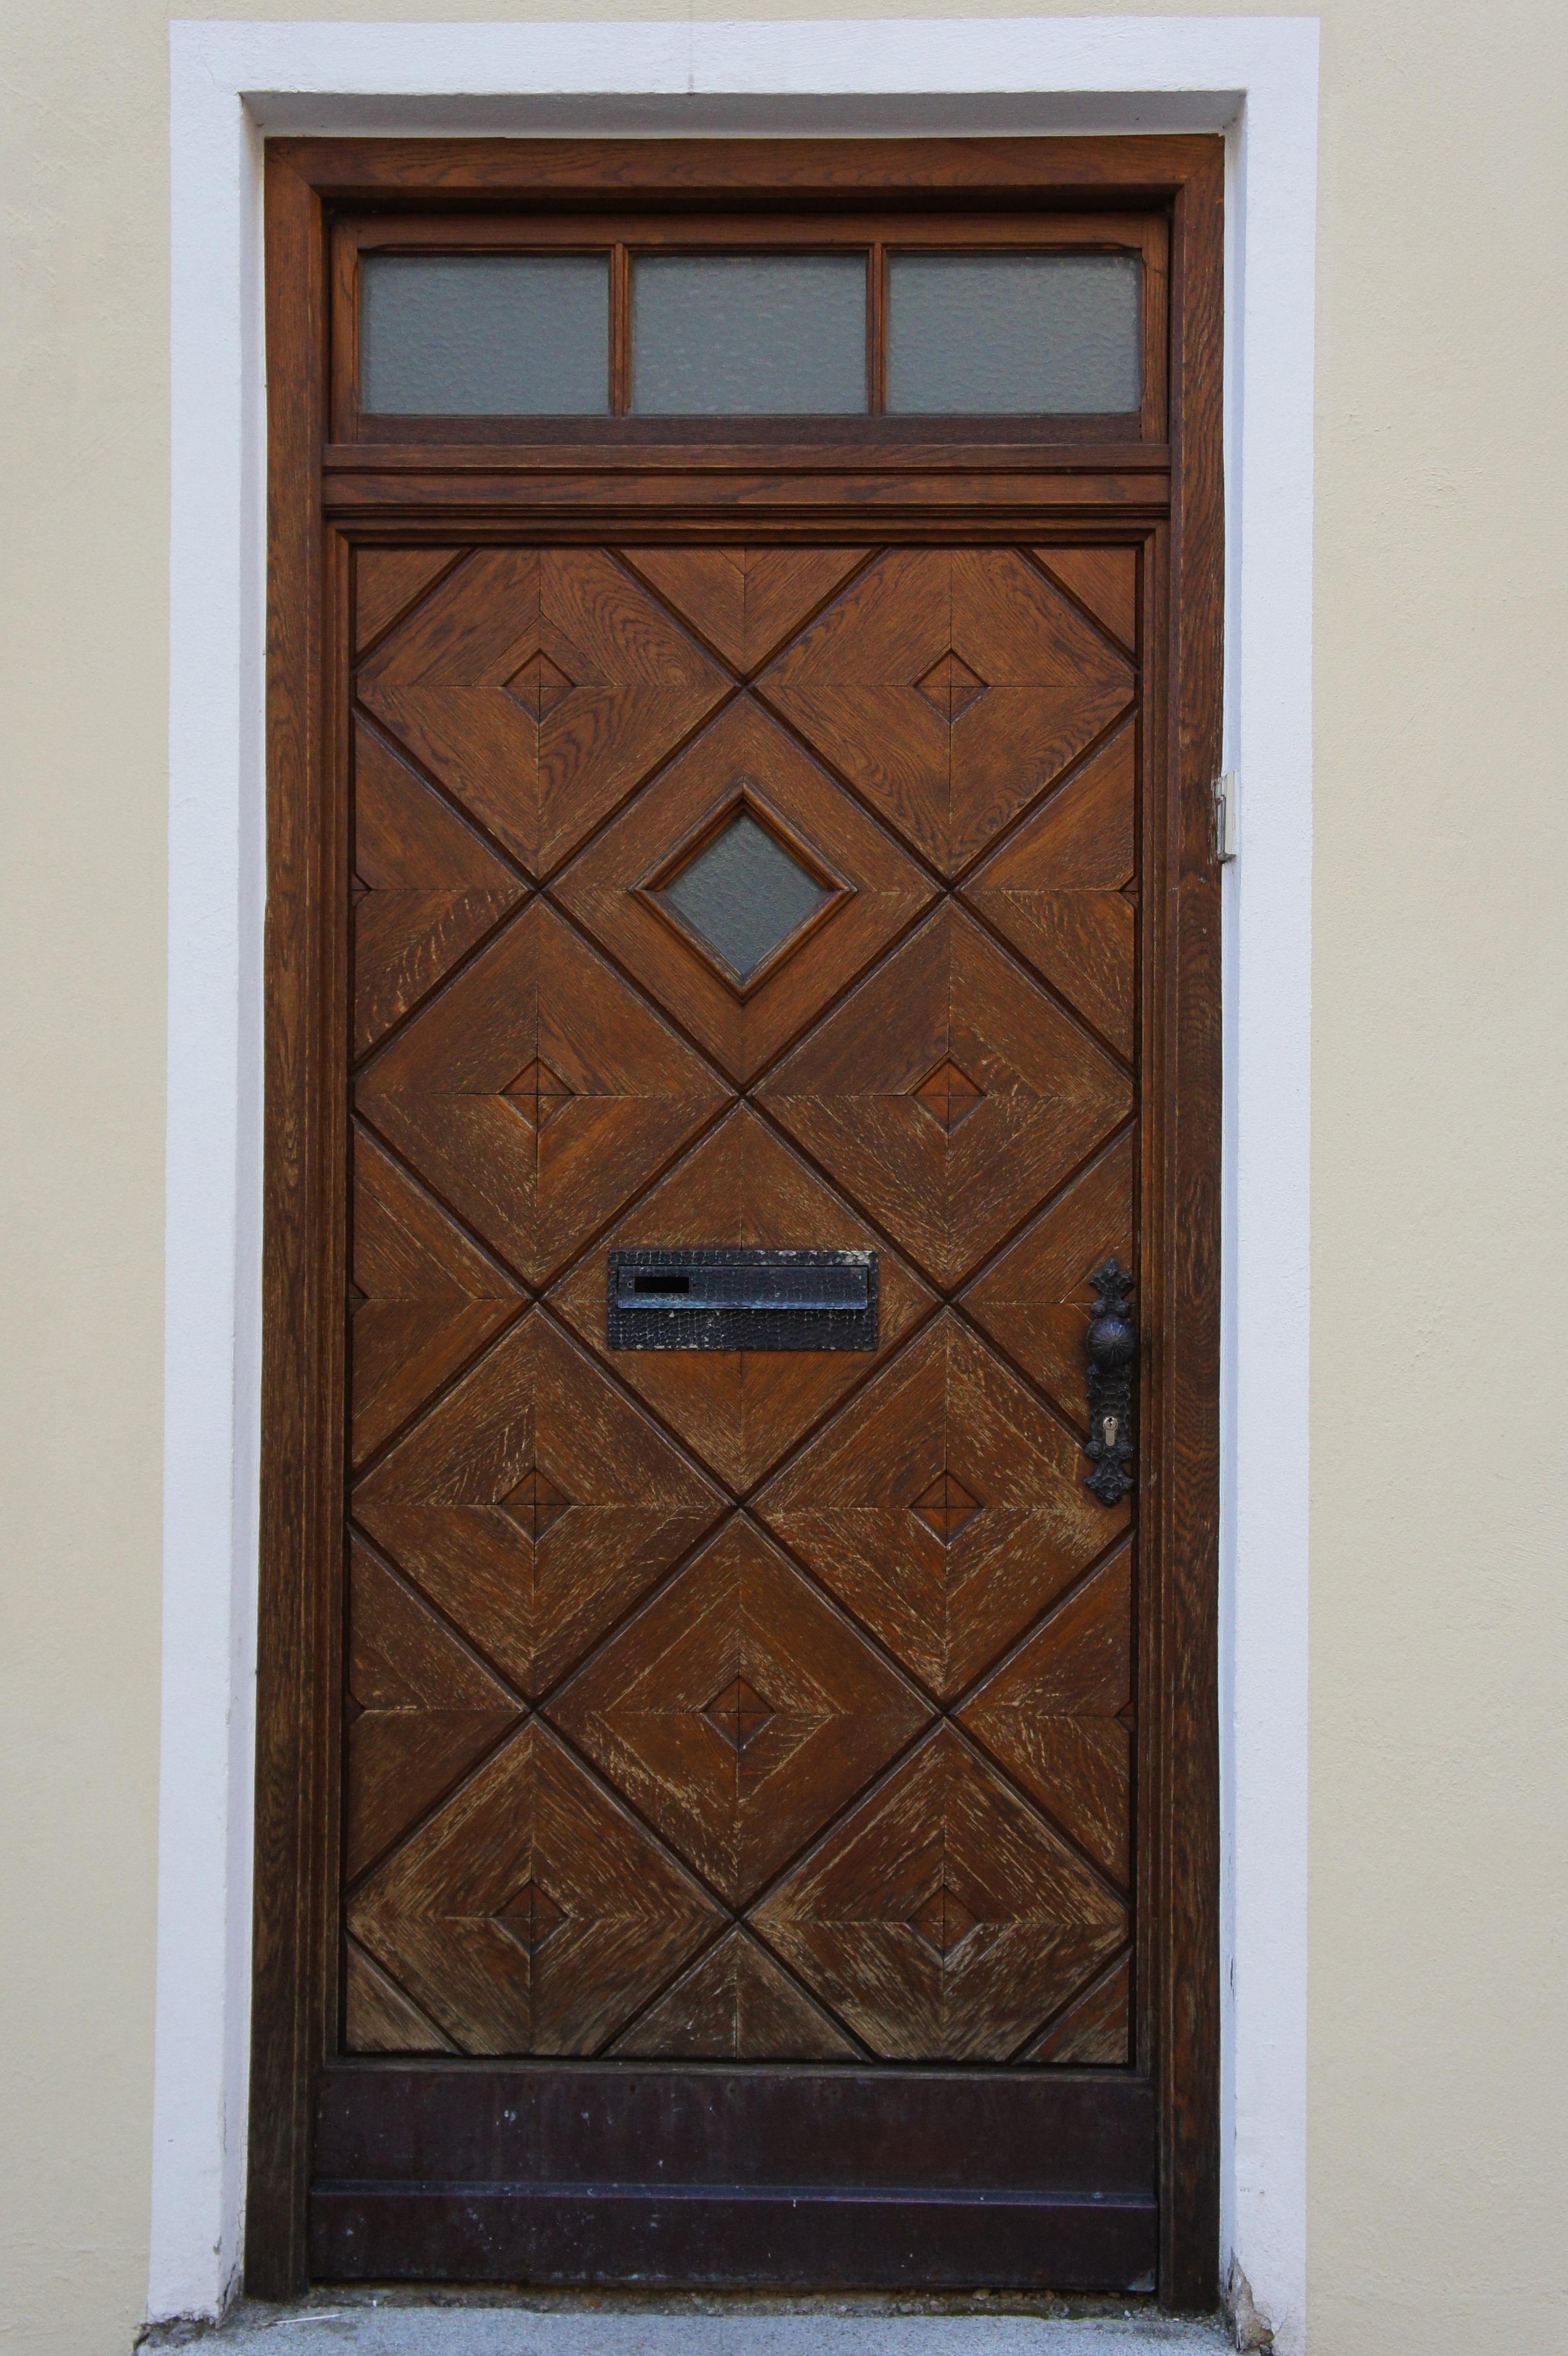 Wood Floor Window Arch Pattern Door Front Wooden Hardwood Input House Entrance Sash